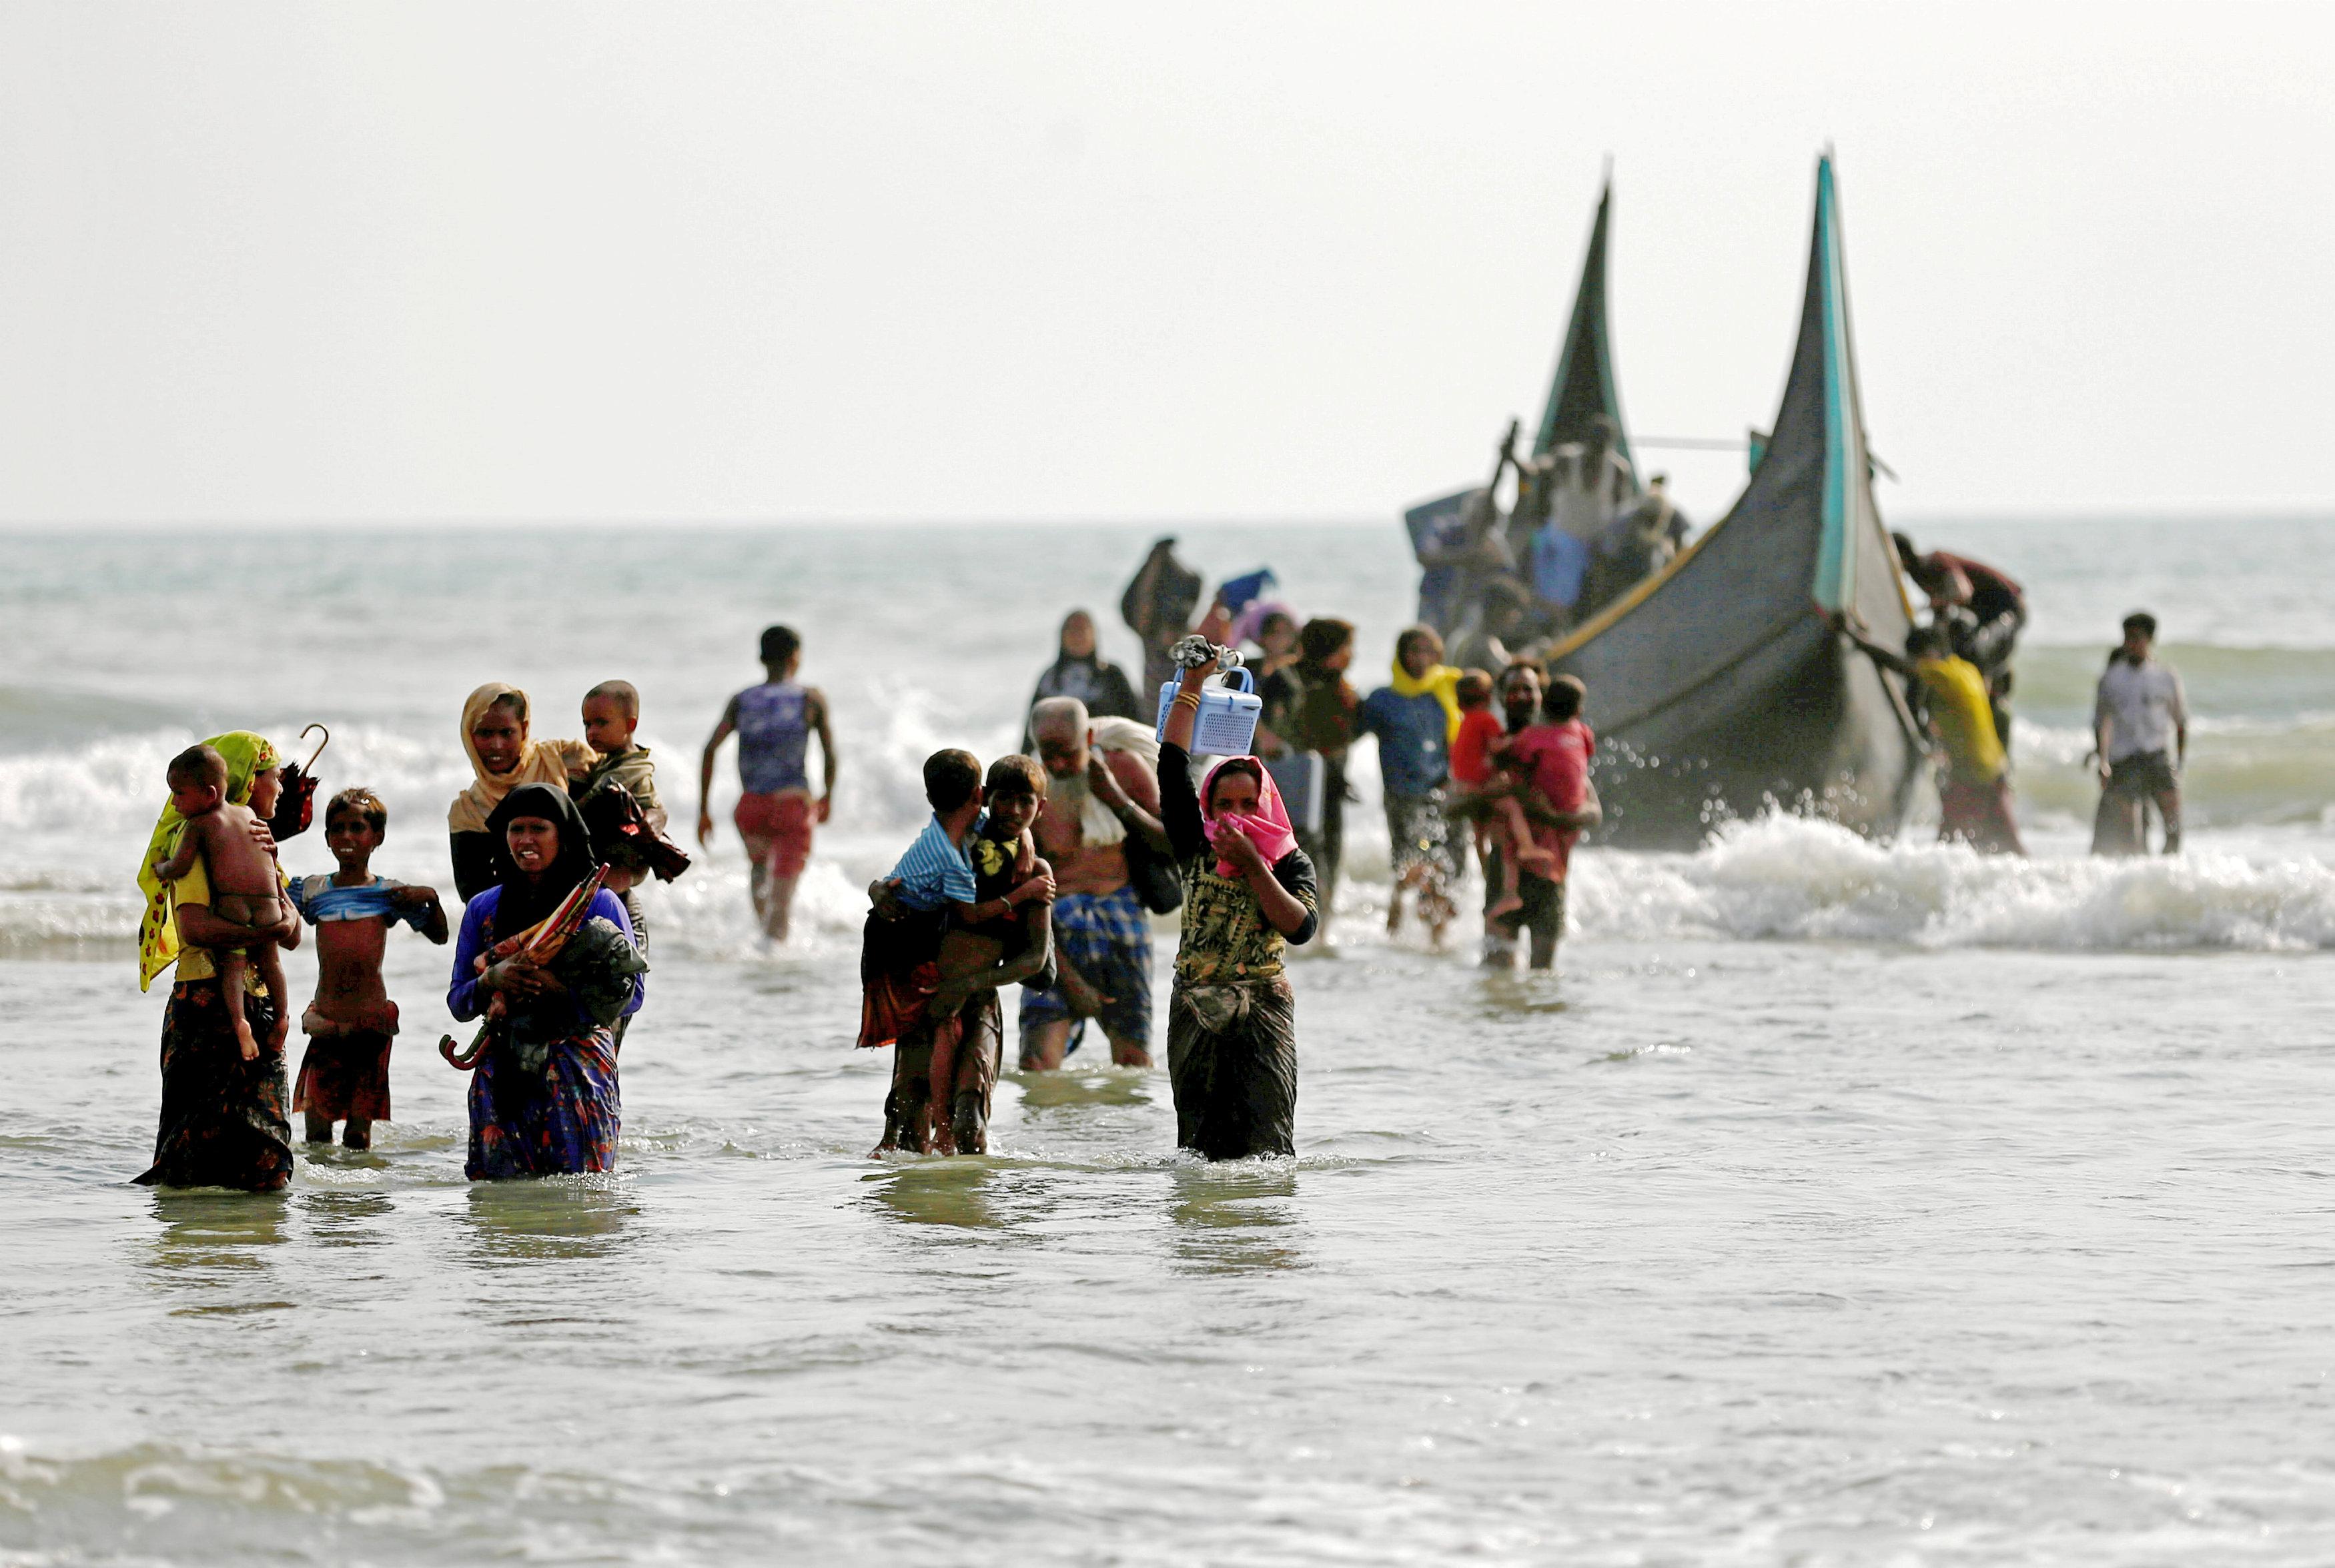 وصولهم لبنجلاديش عبر القوارب